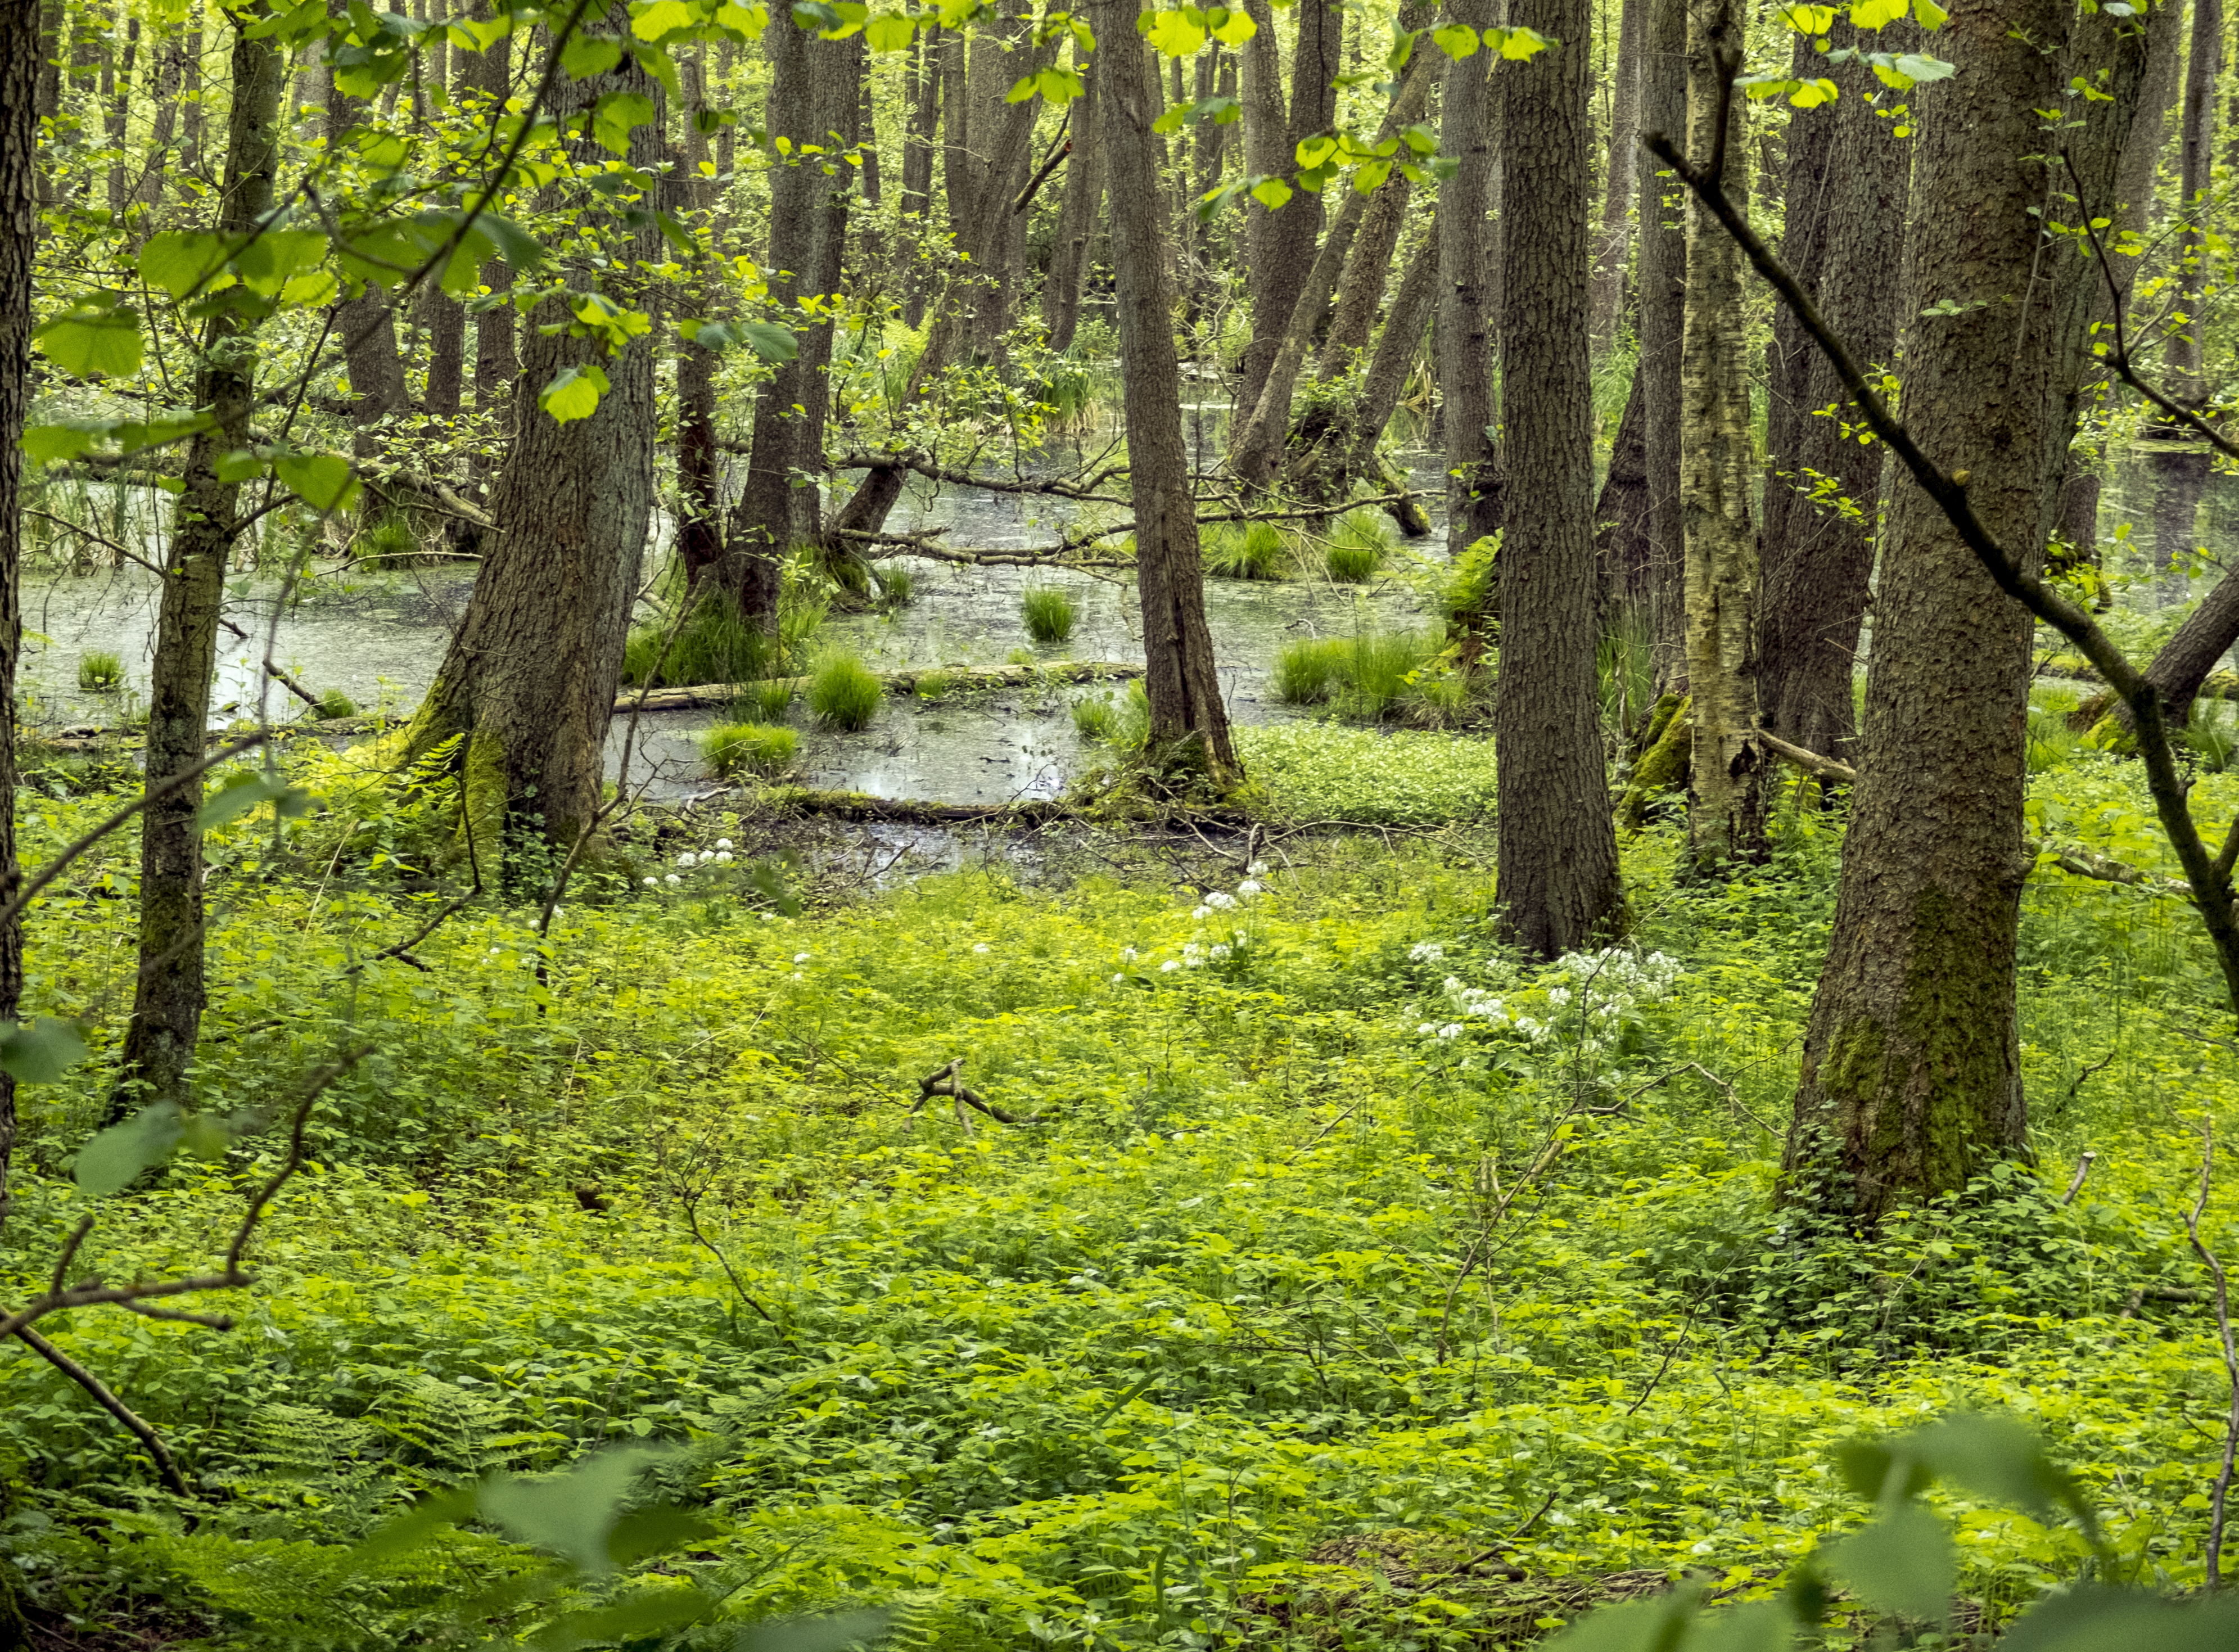 Bruchwälder wurden meist entwässert, wo der Wasserstand hoch ist leben Erlen und andere sumpfliebende Pflanzen